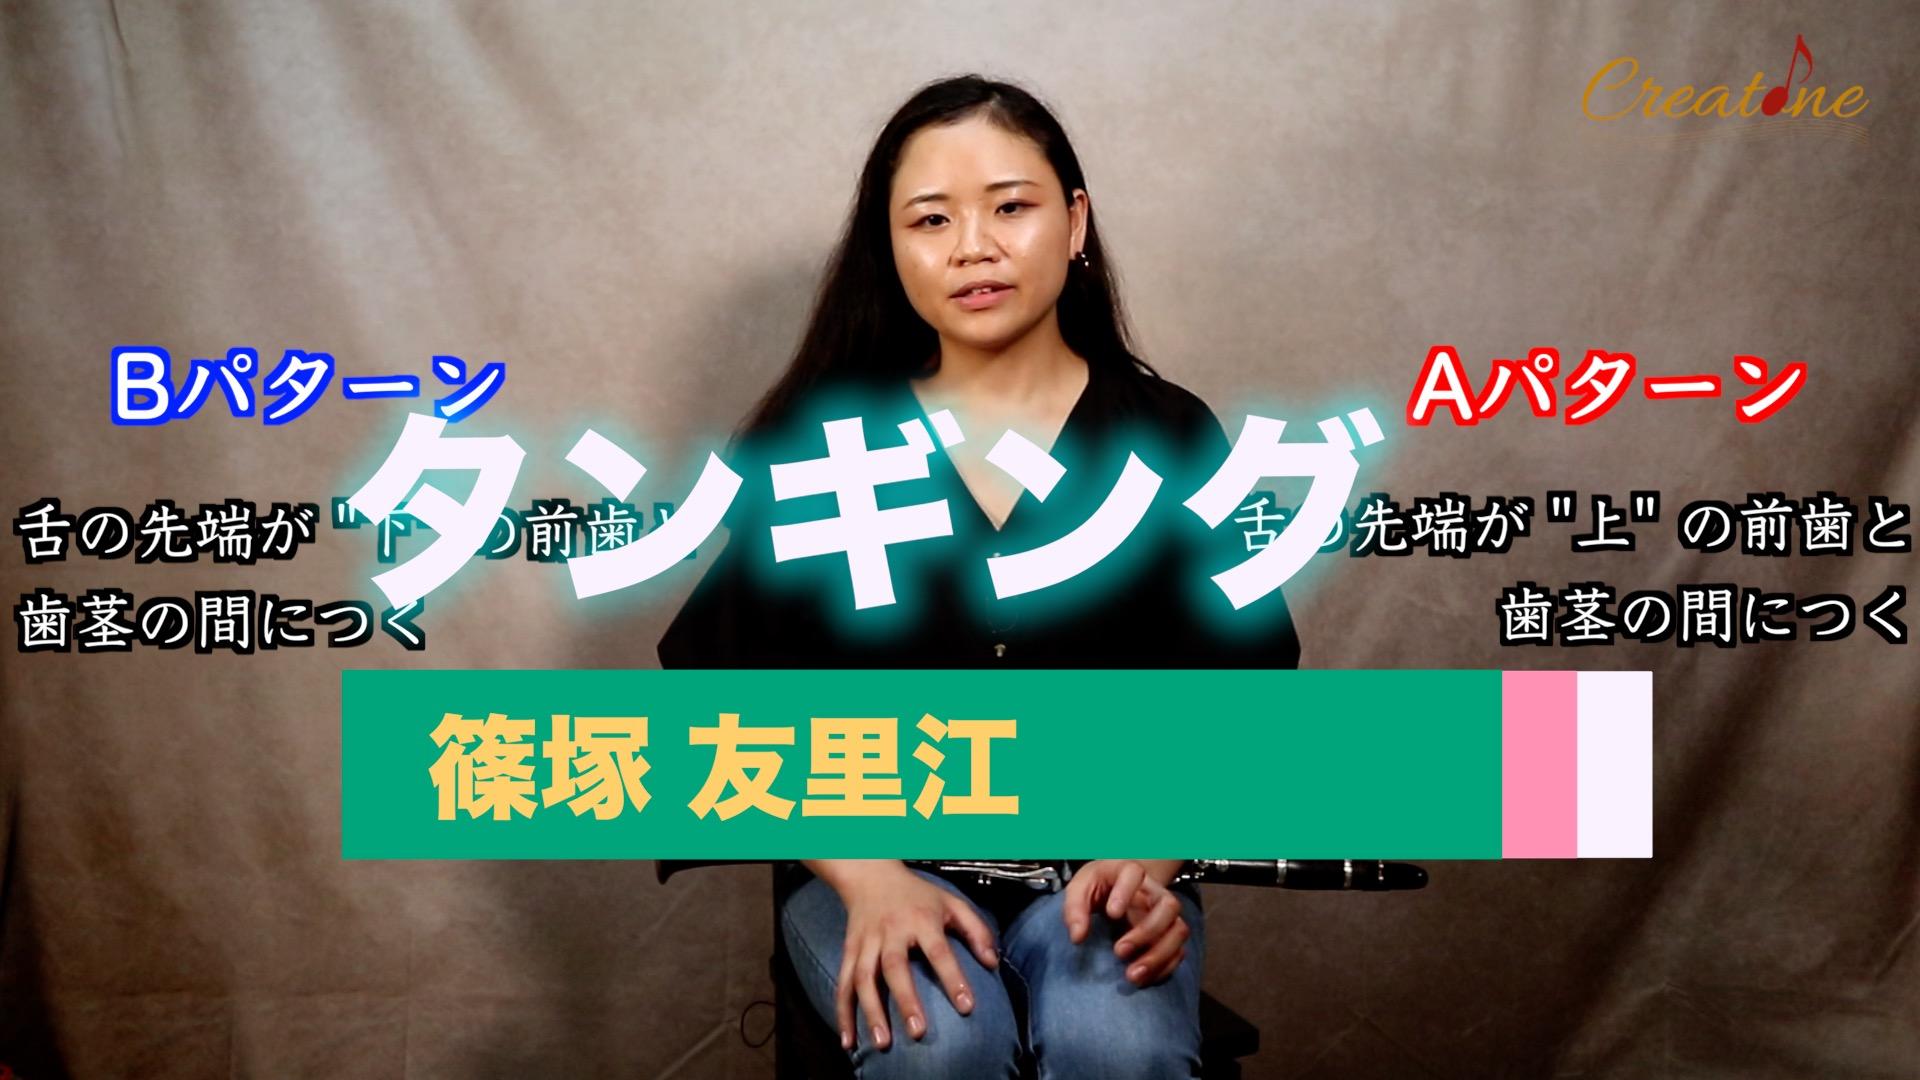 篠塚友里江9 タンギング サムネ